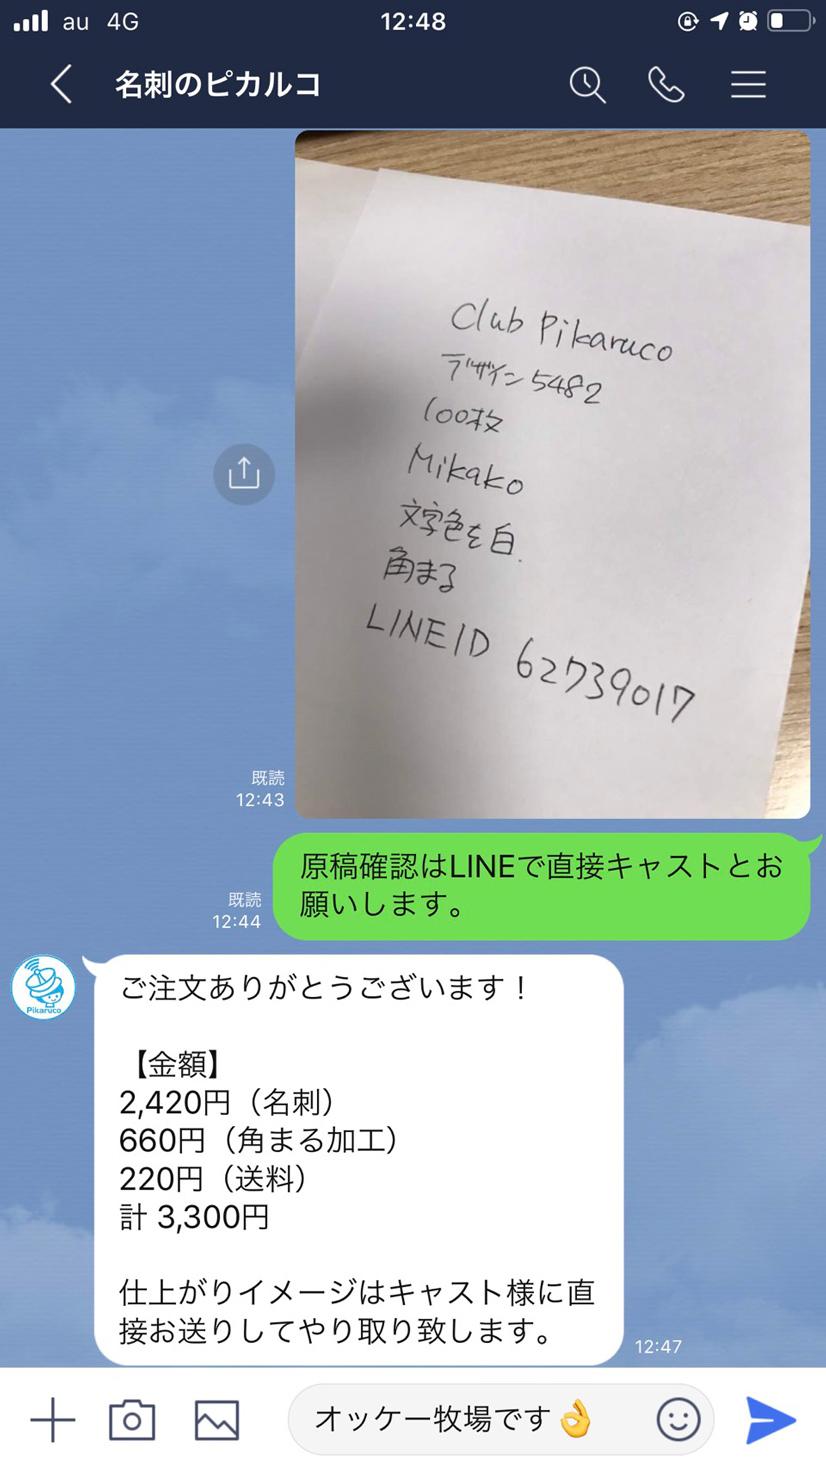 メモの写メ送付で簡単LINE注文